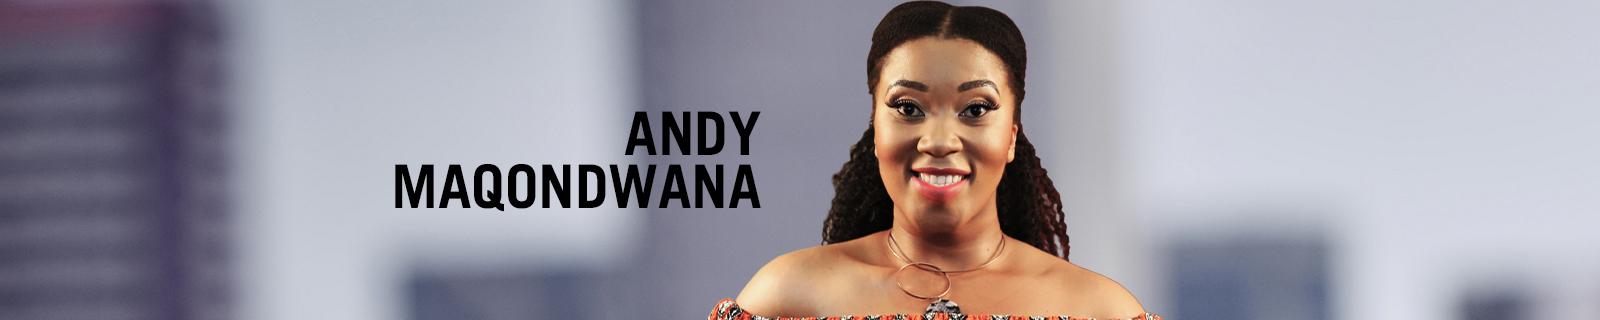 andy-maqondwana-banner-wip-02jpg